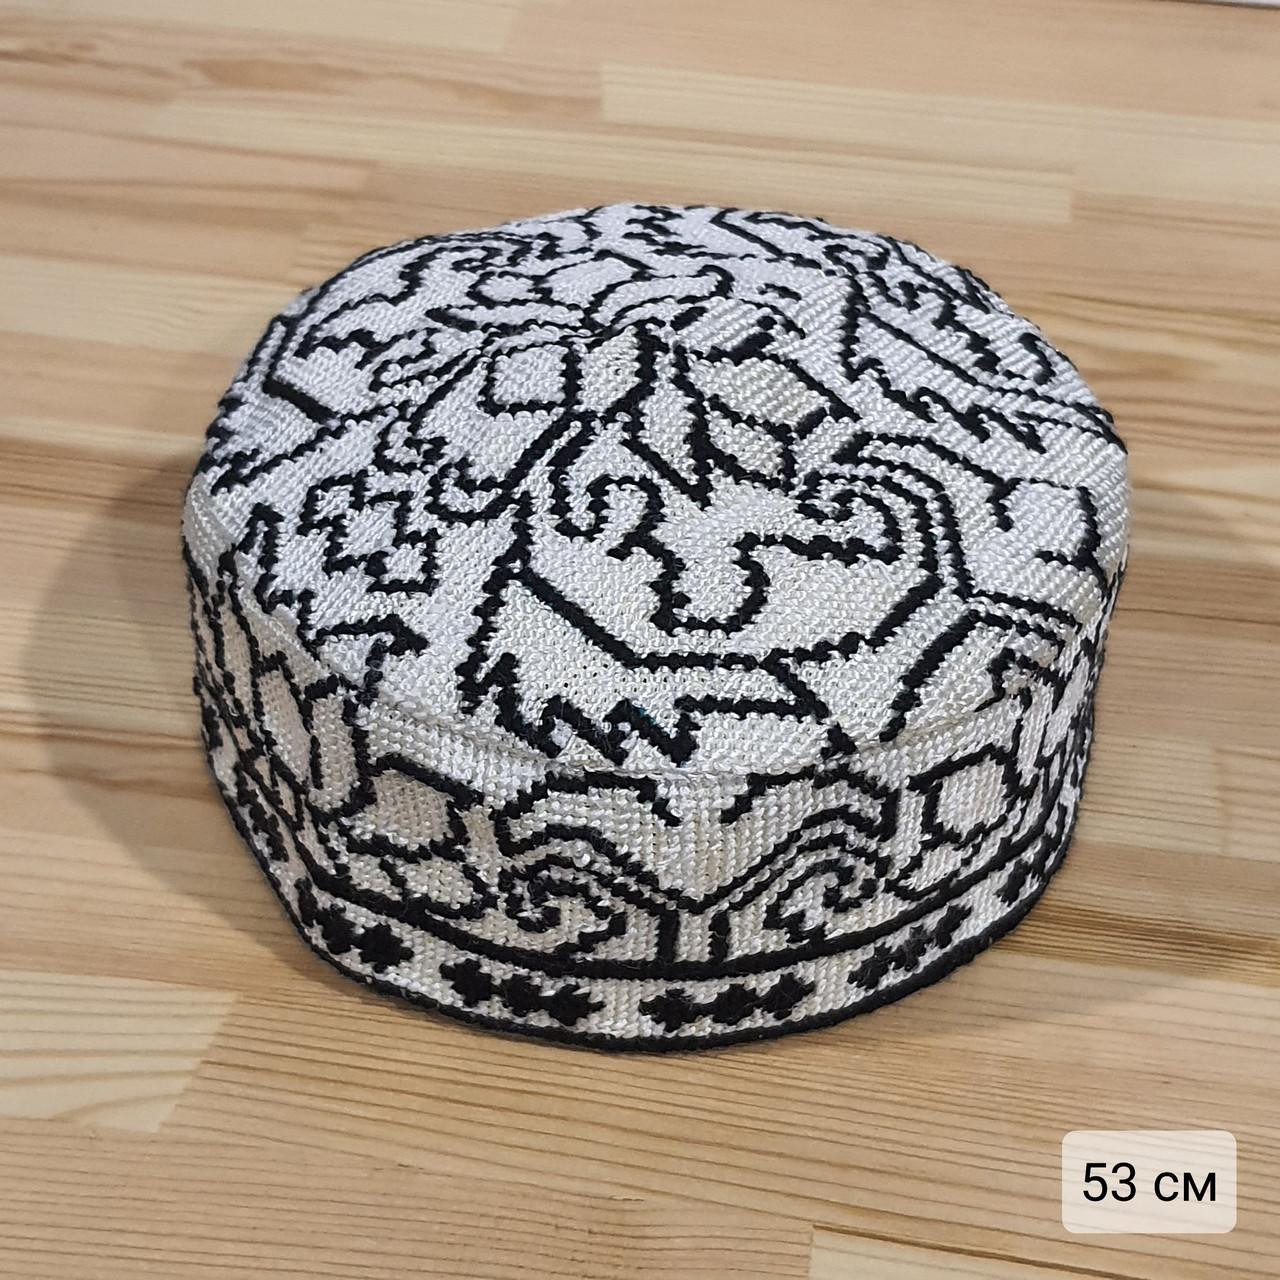 Узбекская тюбетейка 53 см. Ручная вышивка. Узбекистан (53_8)